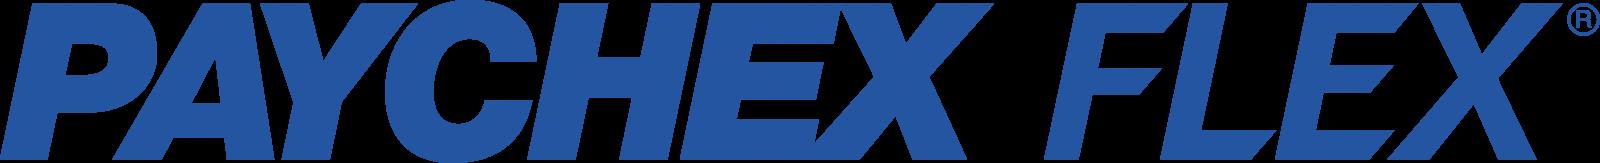 Logotipo de Paychex flex